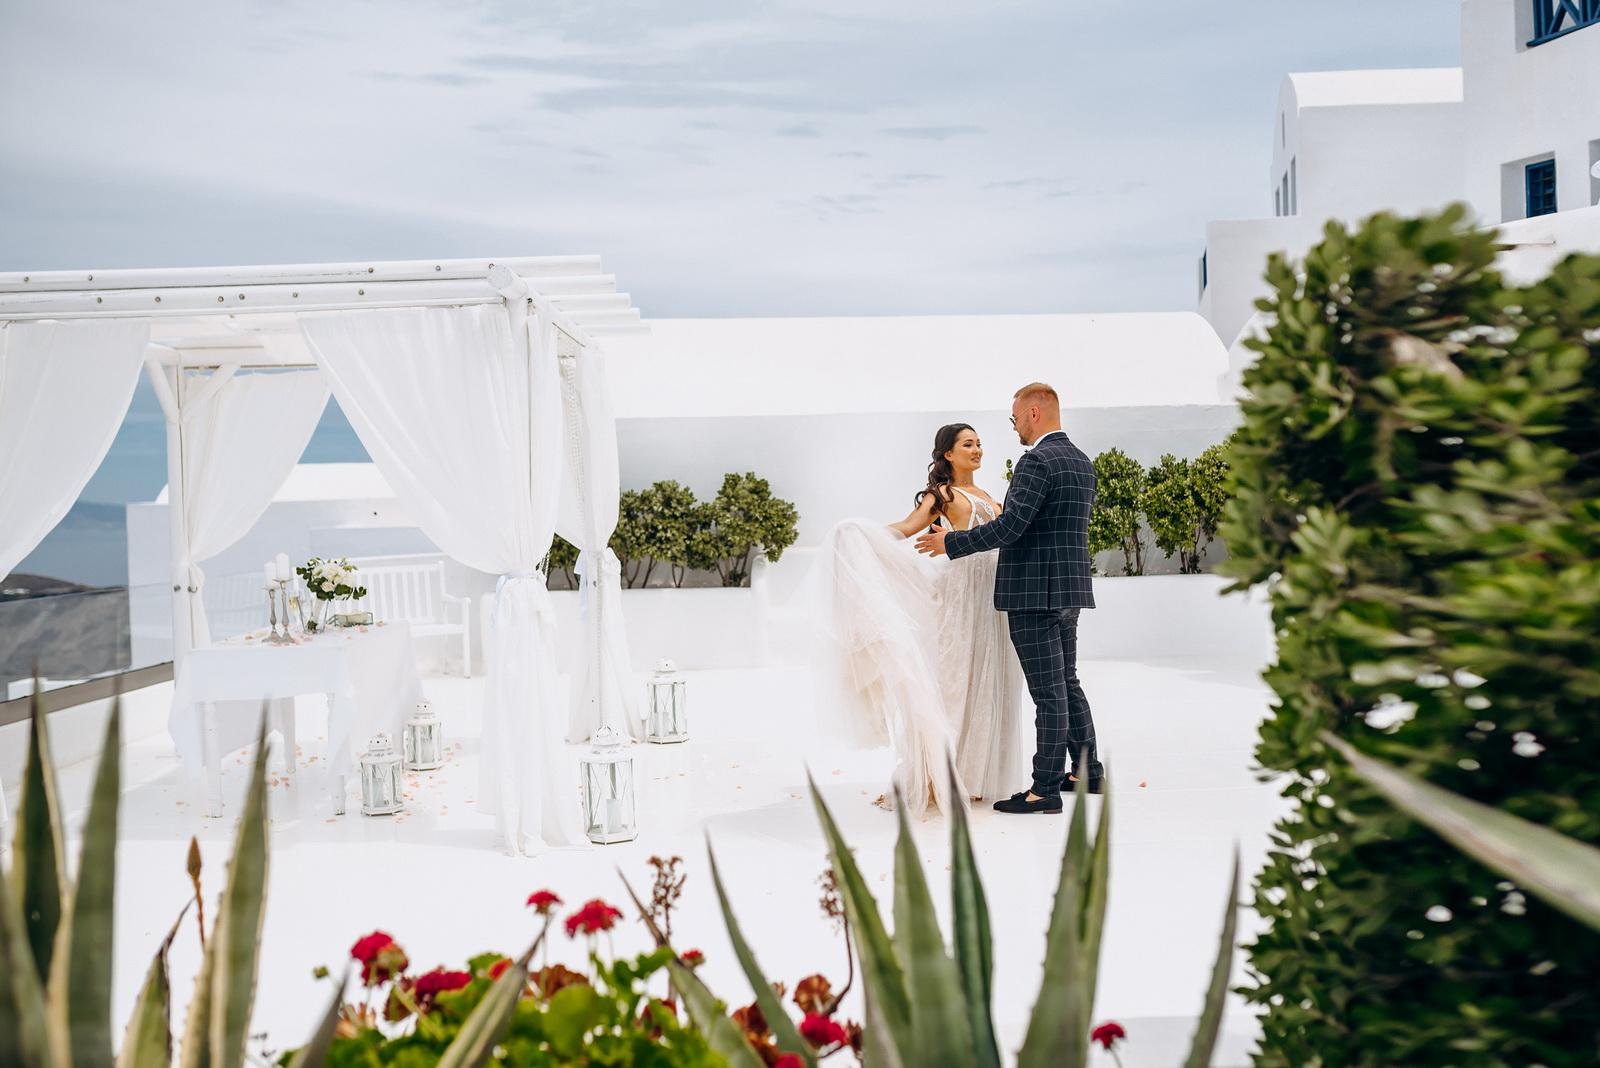 Александра и Евгений: свадьба на санторини, свадебное агентство Julia Veselova - Фото 10